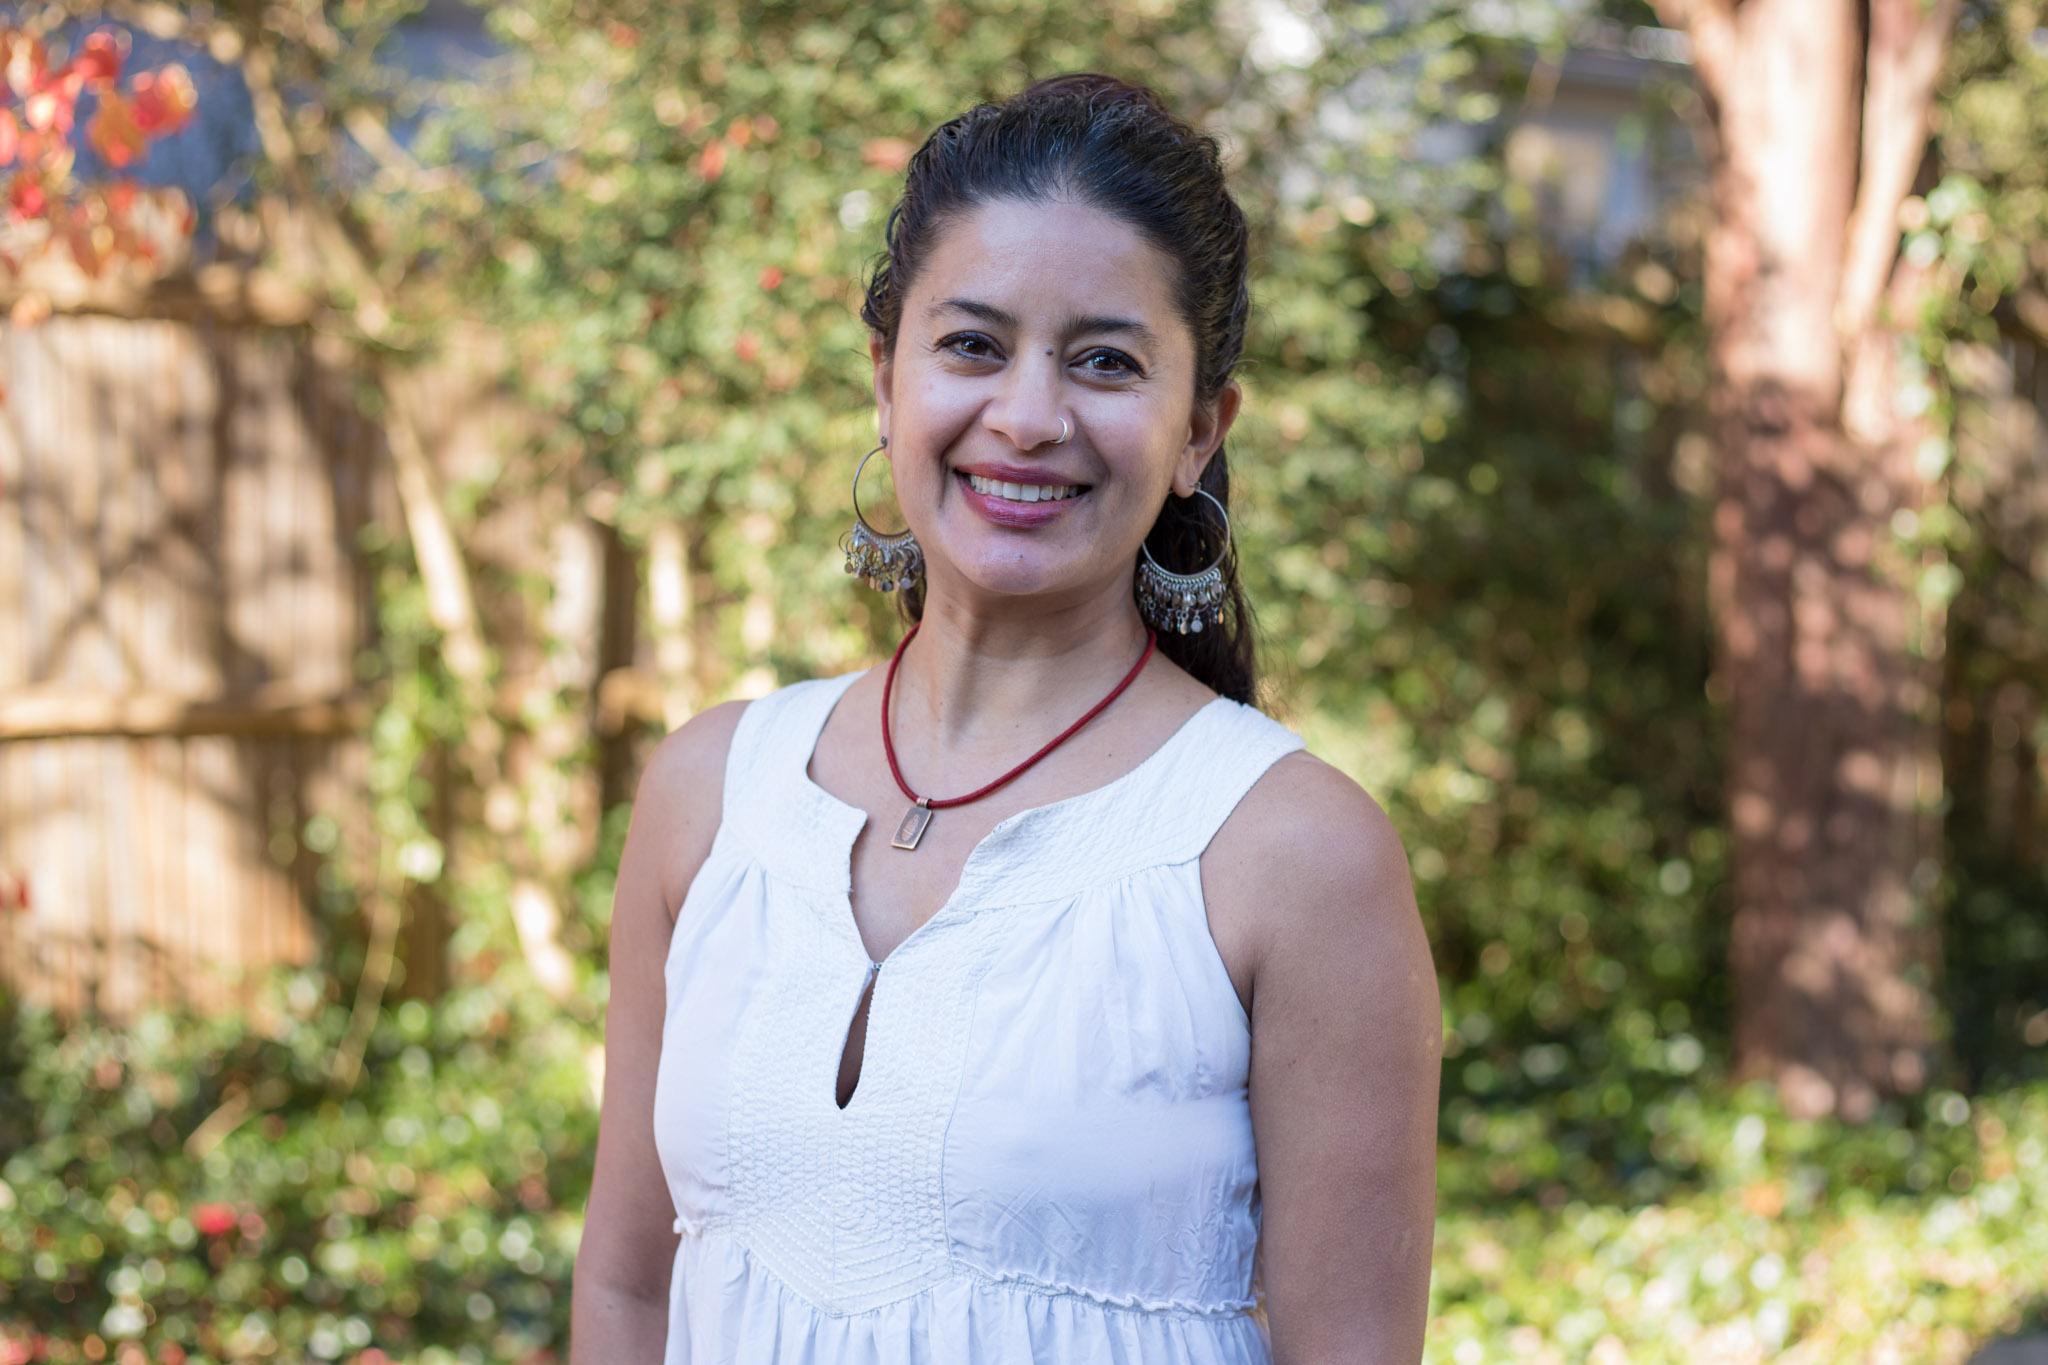 Aparna private chef & wellness teacher